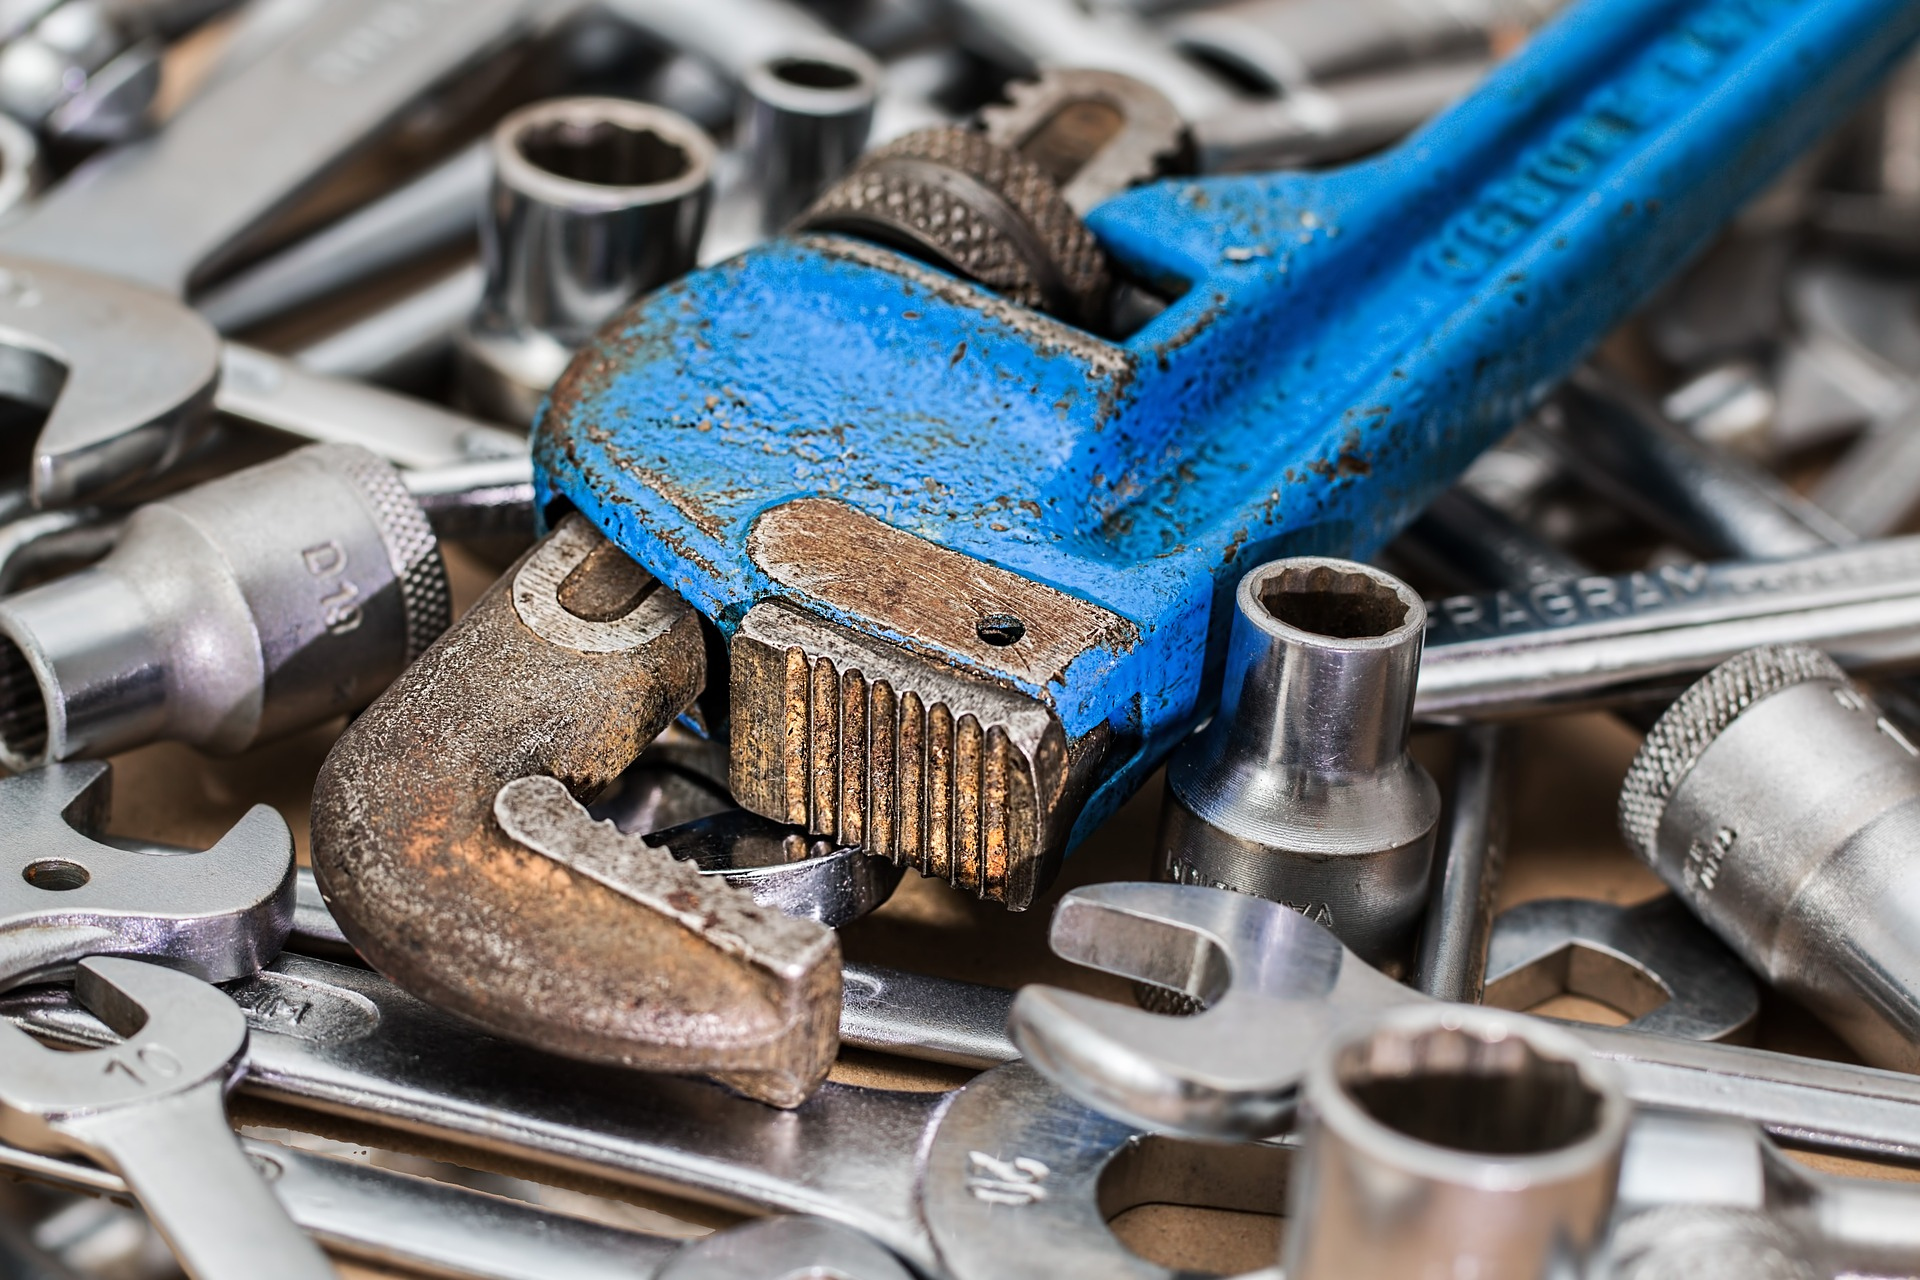 wrench-717684_1920.jpg